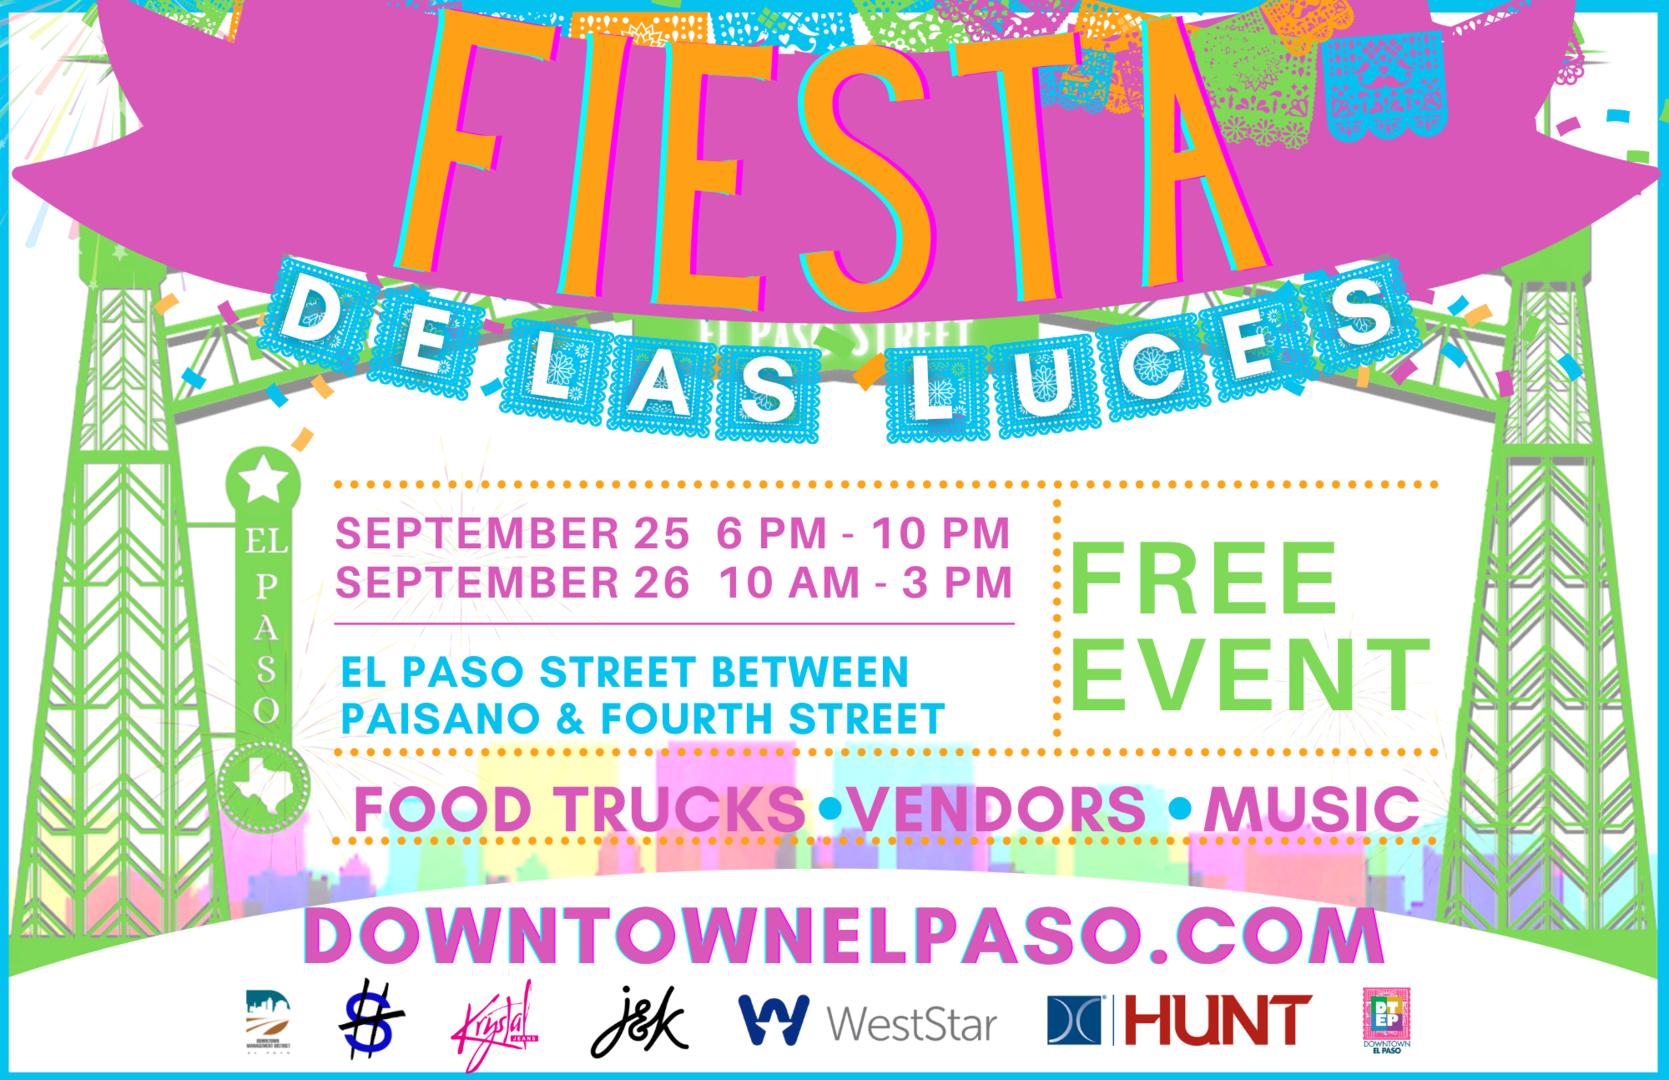 Downtown Fiesta de Las Luces - September